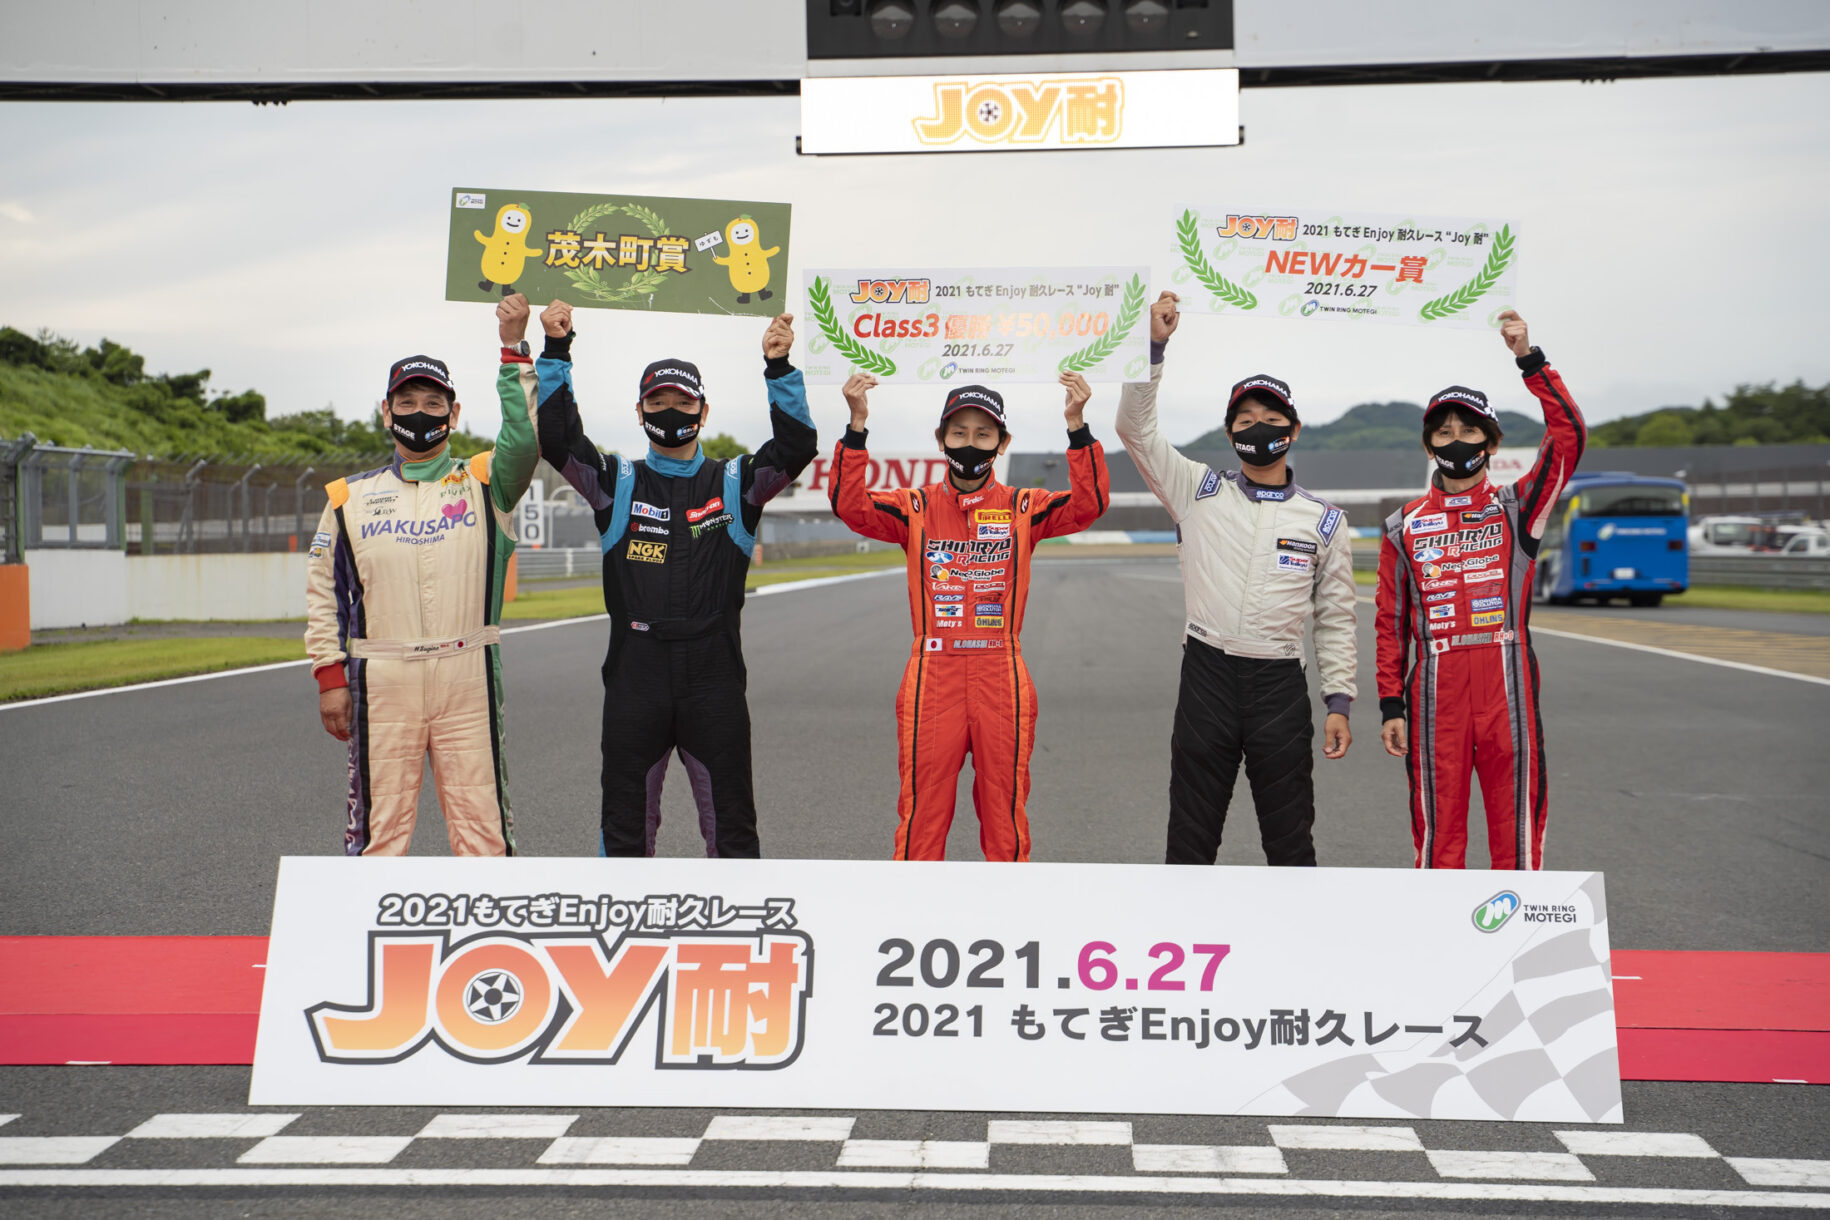 大橋さんたちの#32 リプロ東日本&RSFステージはクラス3優勝!